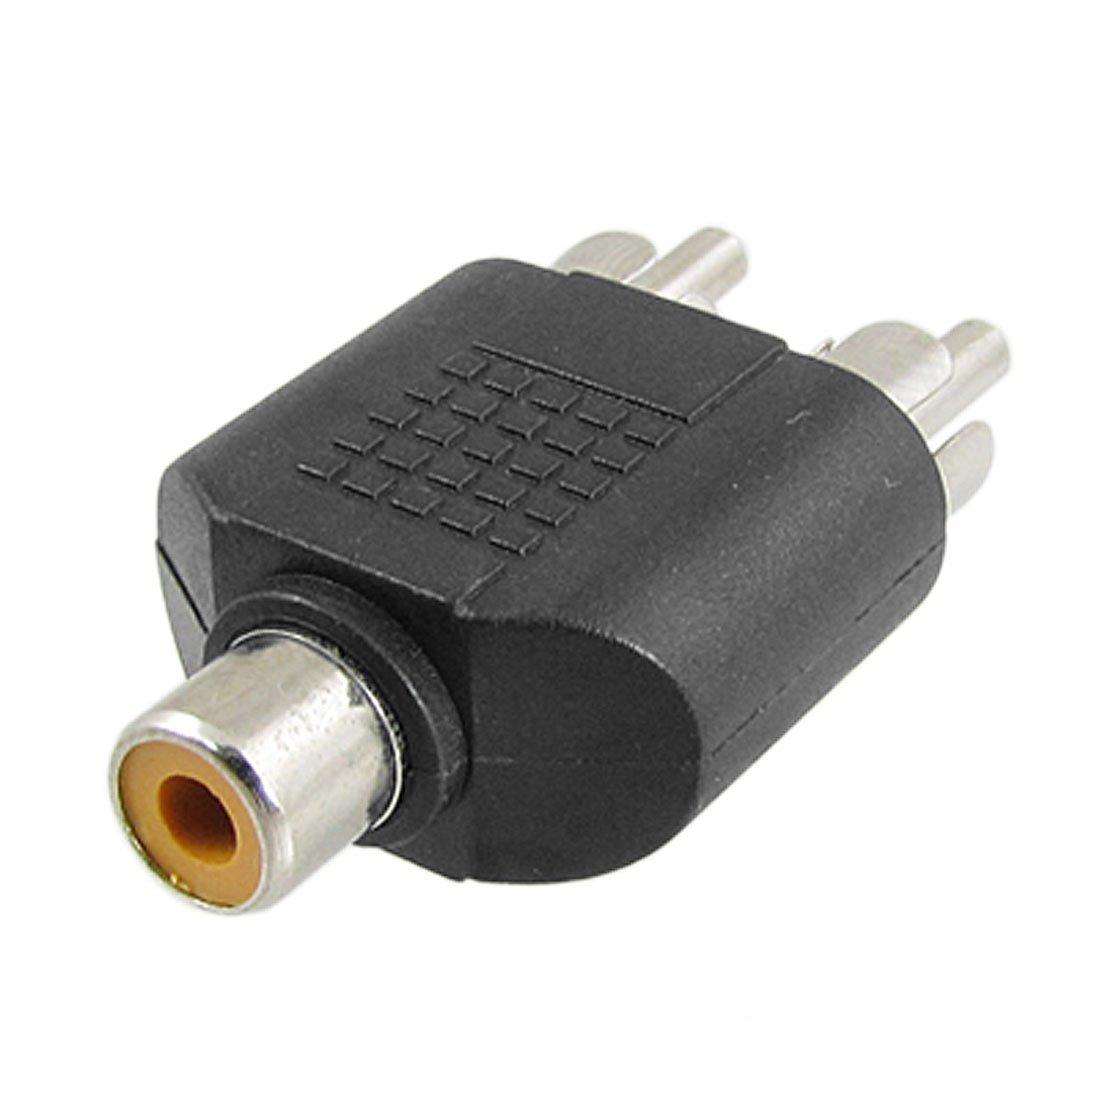 uxcell Audio Video AV RCA Male to 2-RCA Female Splitter Adapter 5pcs Black